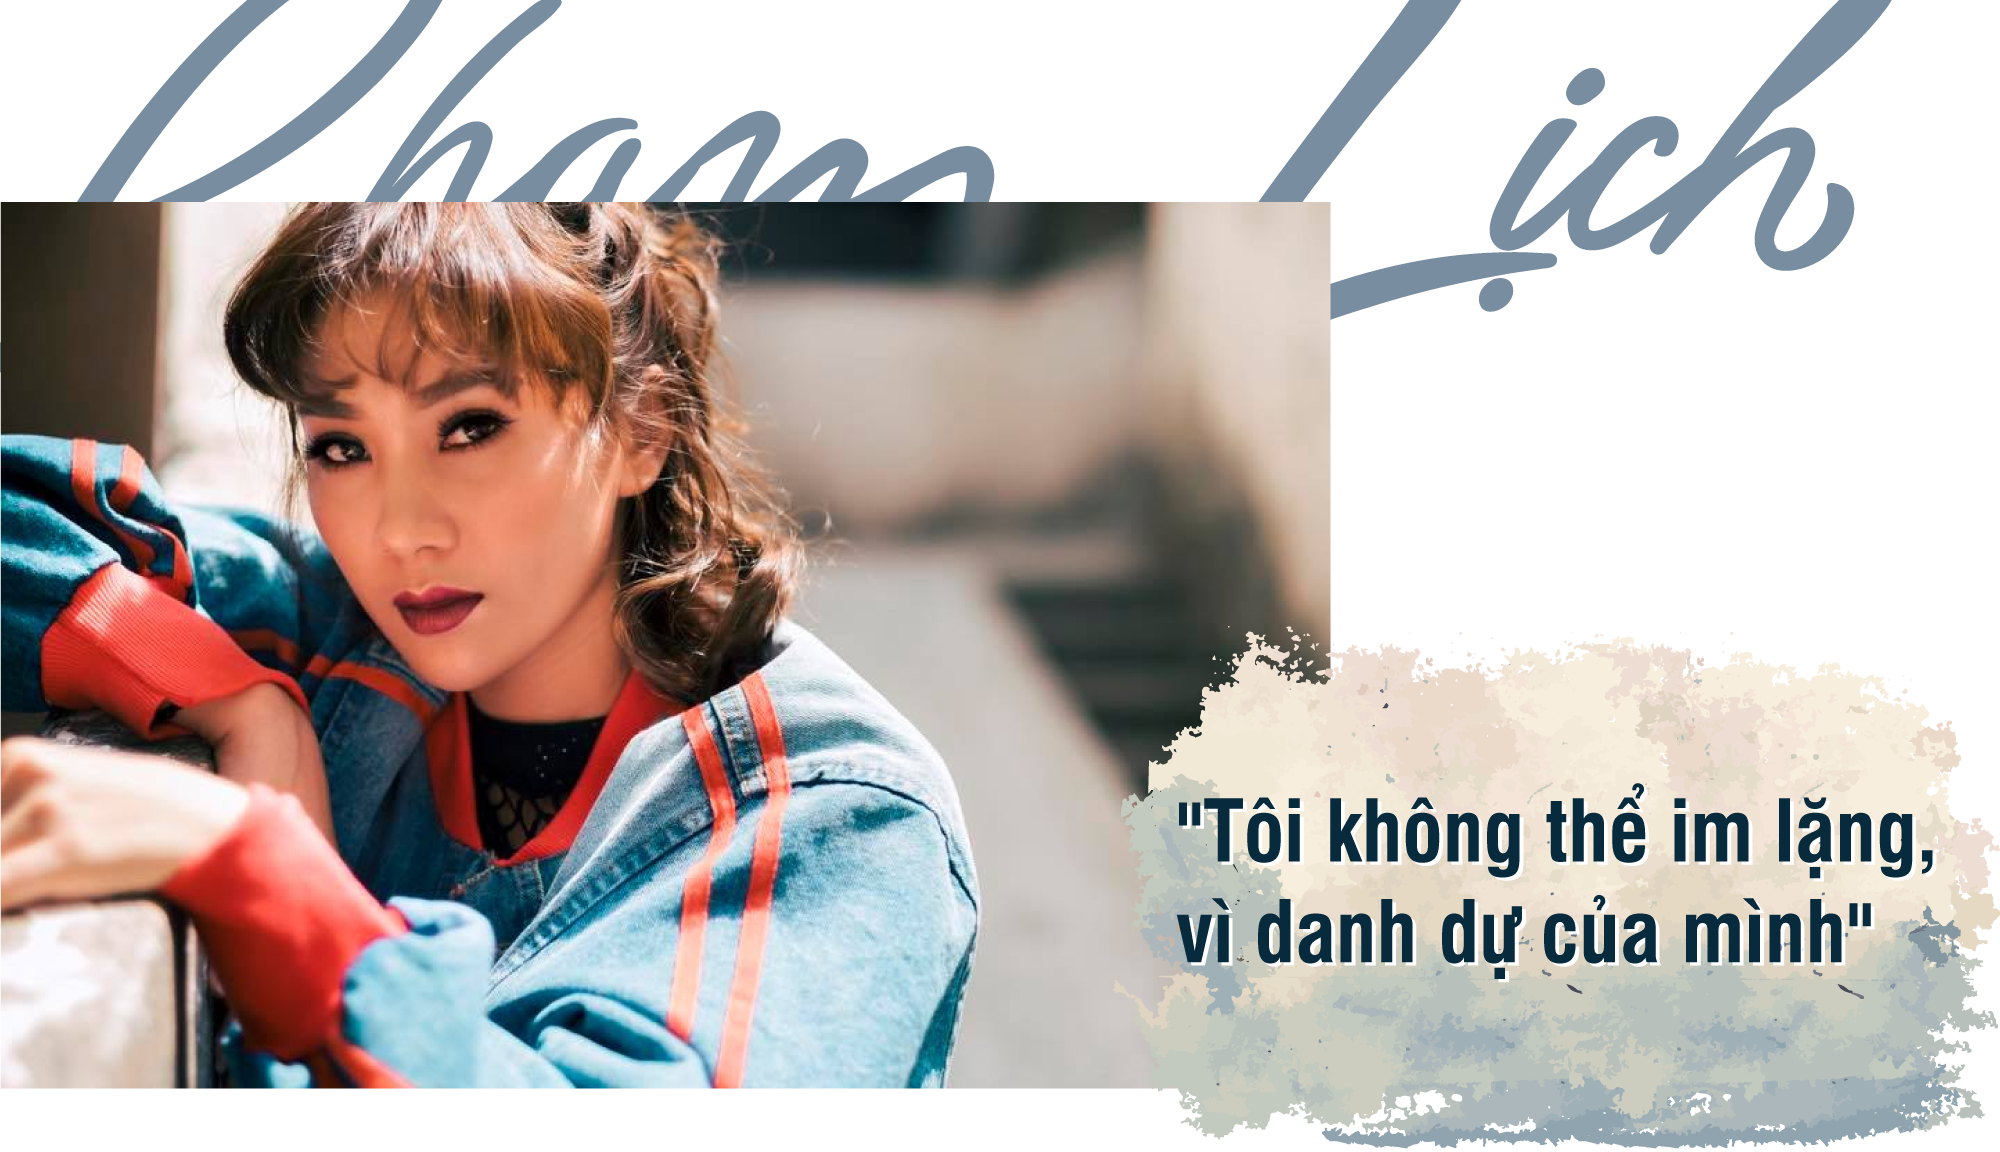 Phạm Anh Khoa bị tố gạ tình: Khi mảng tối showbiz Việt đến lúc cần phơi bày ra ánh sáng - Ảnh 2.